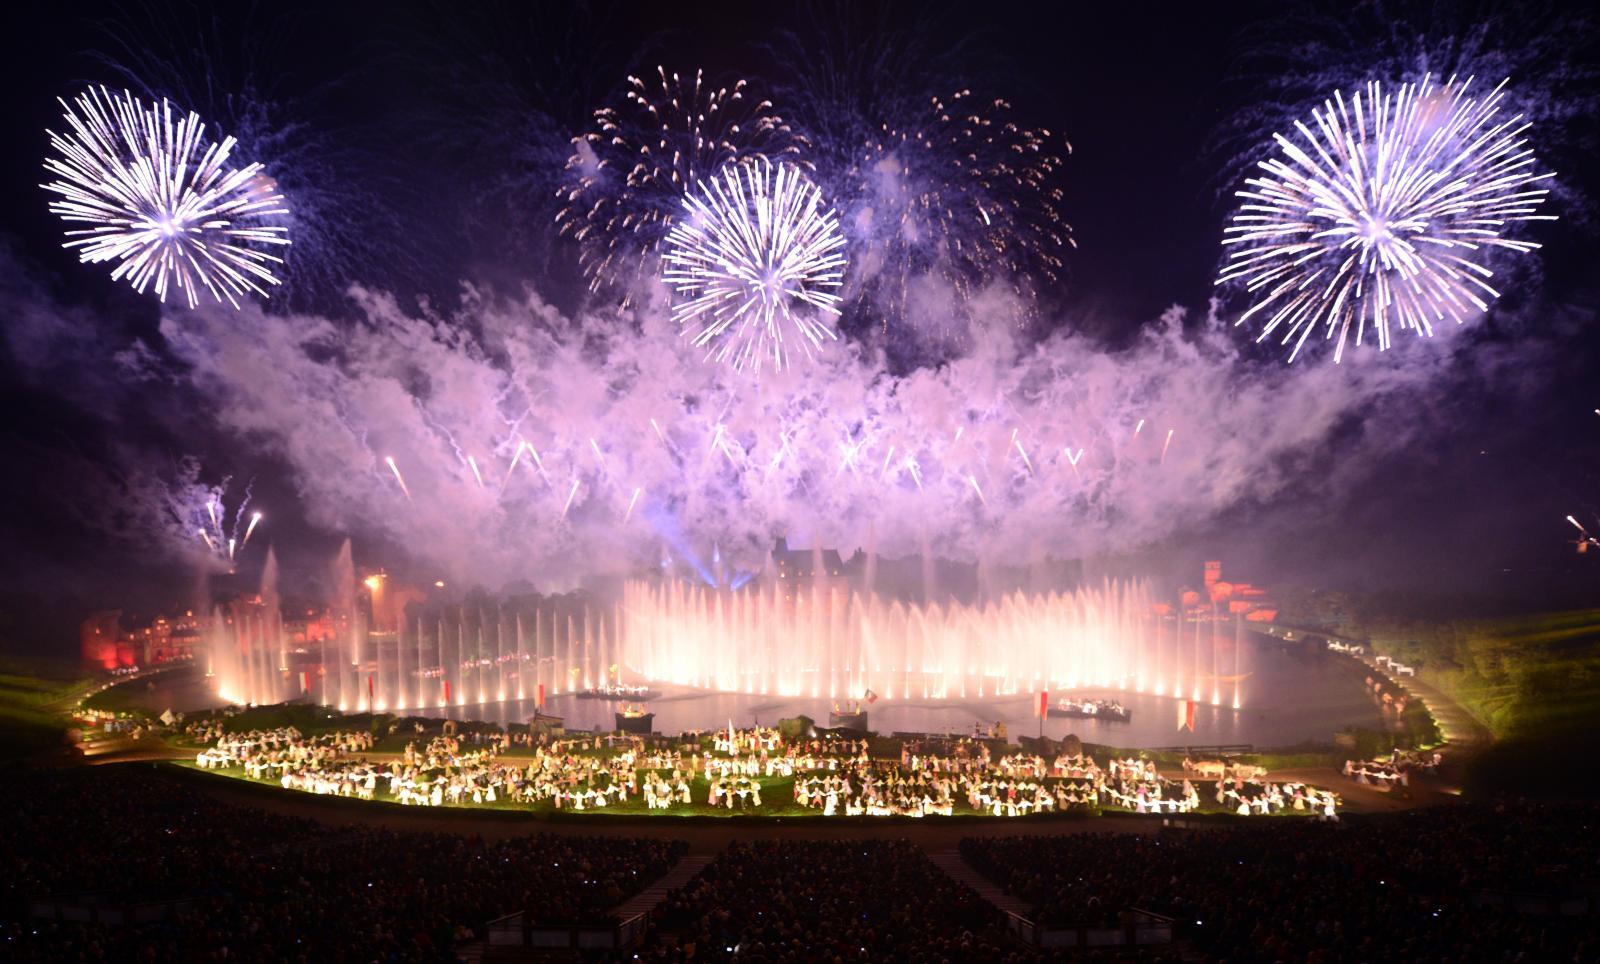 Kanske är showen Cinéscénie mer spektakulär än en OS-invigning. Minnesvärda 45 minuter som avslutar varje kväll på Puy du Fou... Puh!